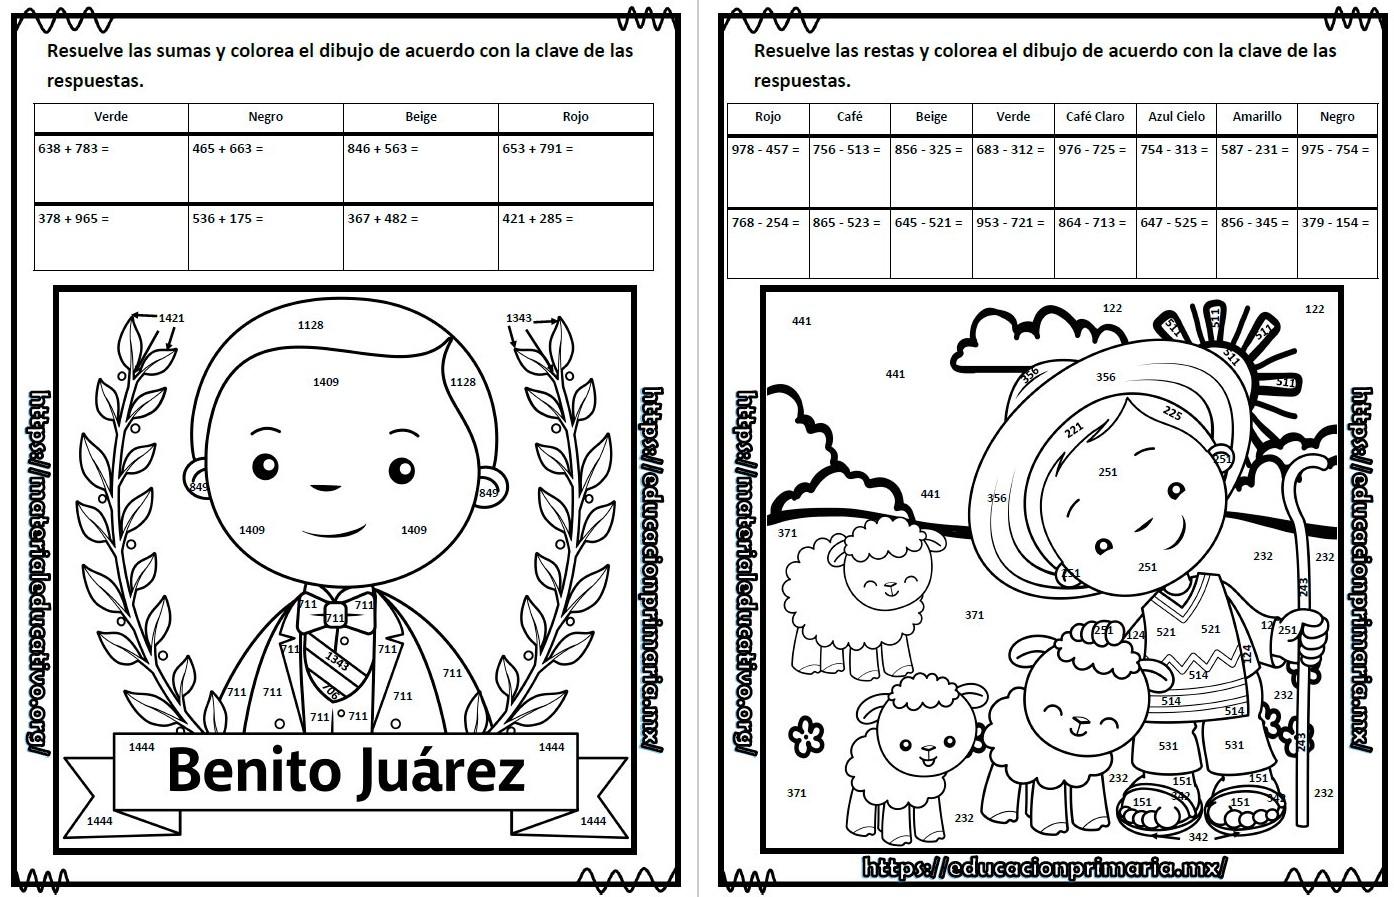 Suma Resta Multiplica Y Colorea El Dibujo De Benito Juarez De